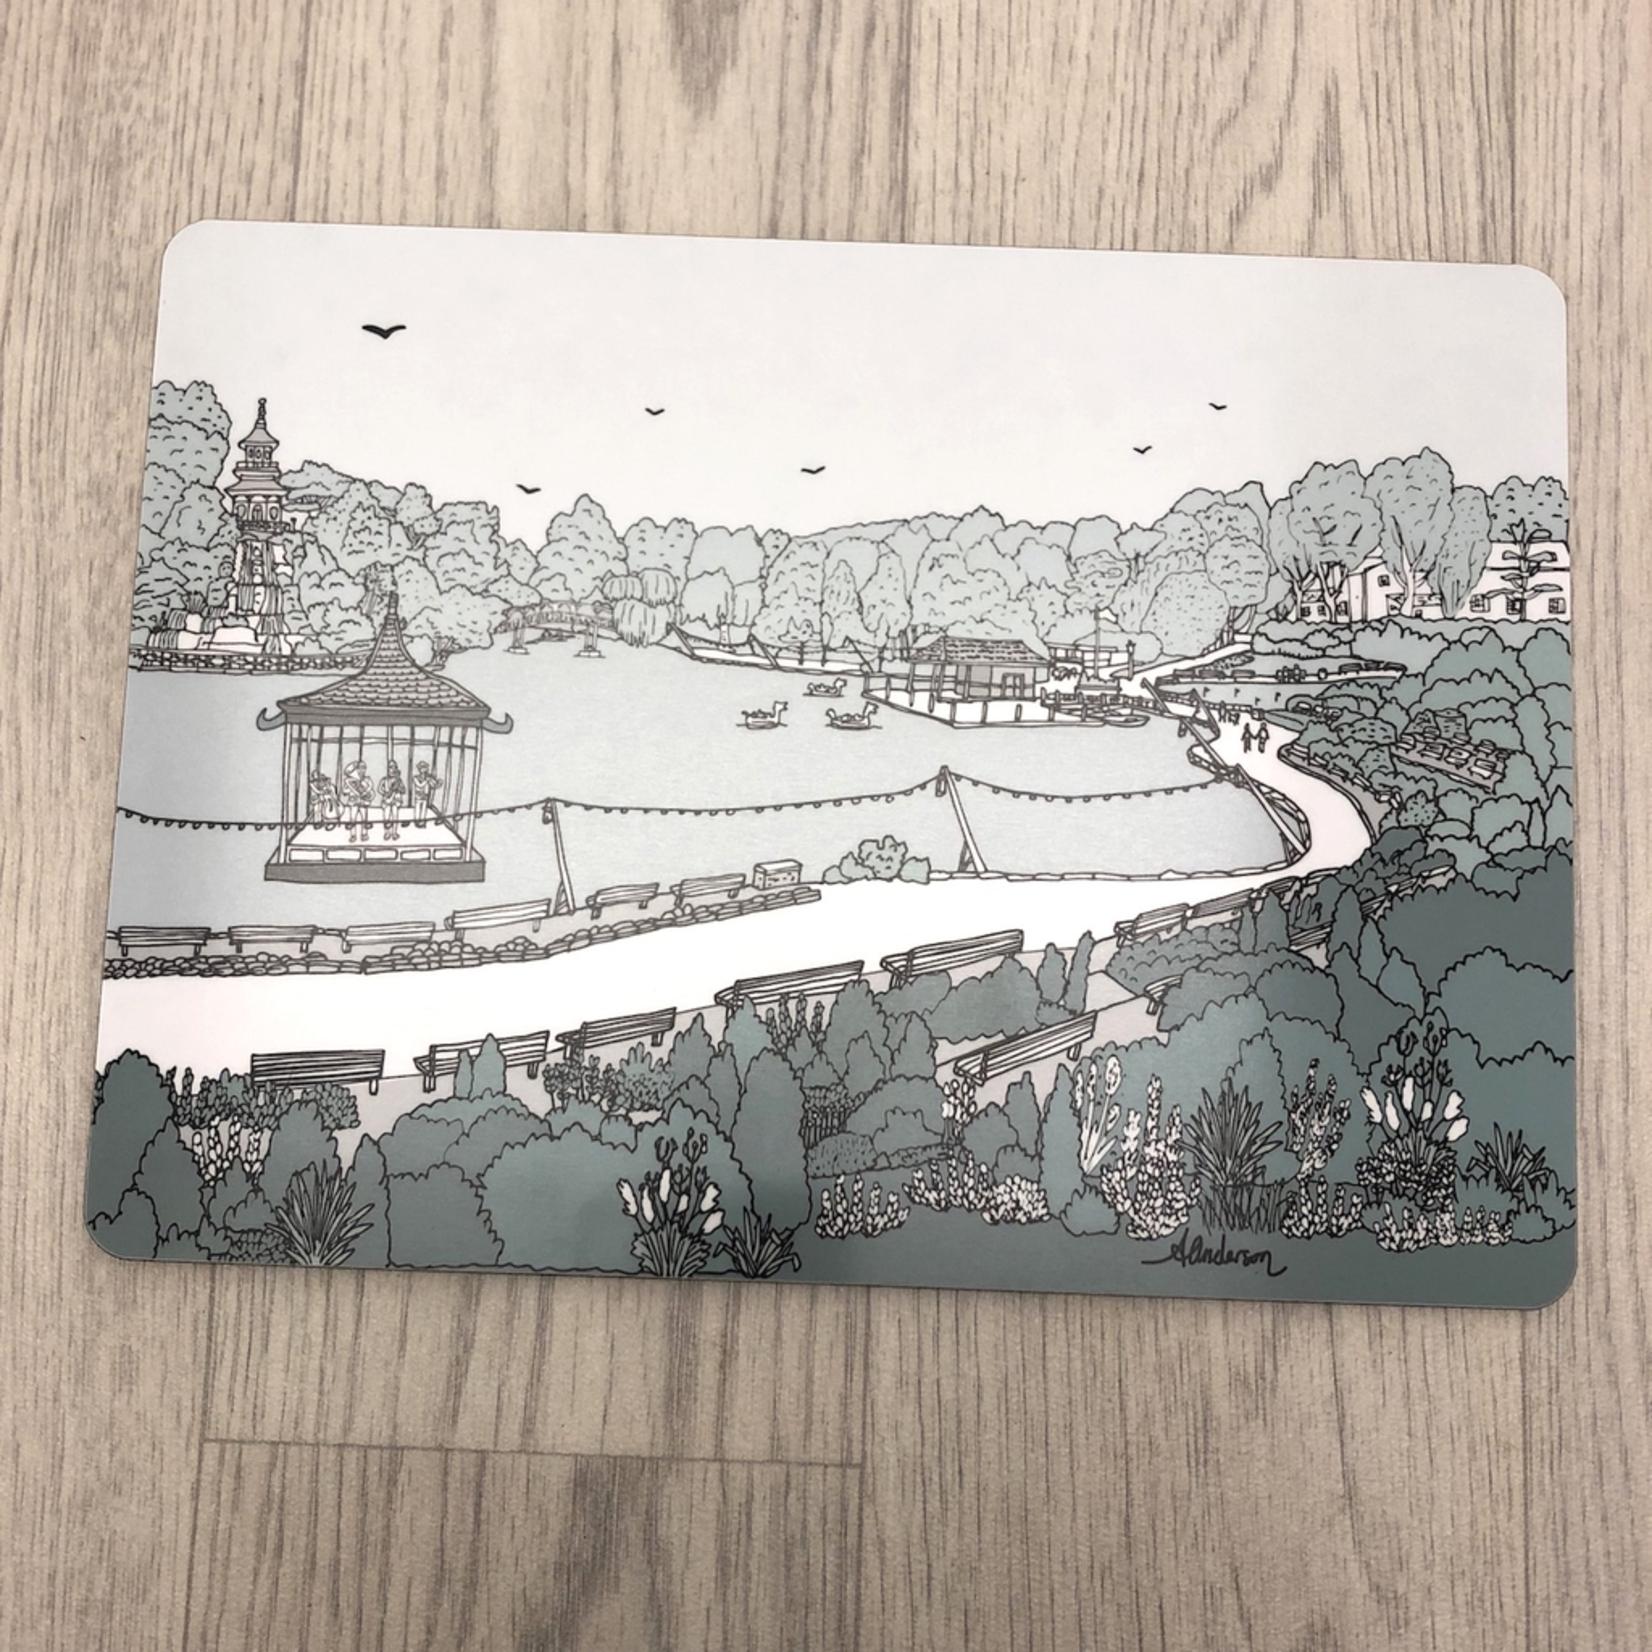 Homebird Placemat Peasholm - Alex Anderson Scarborough Single Tableware